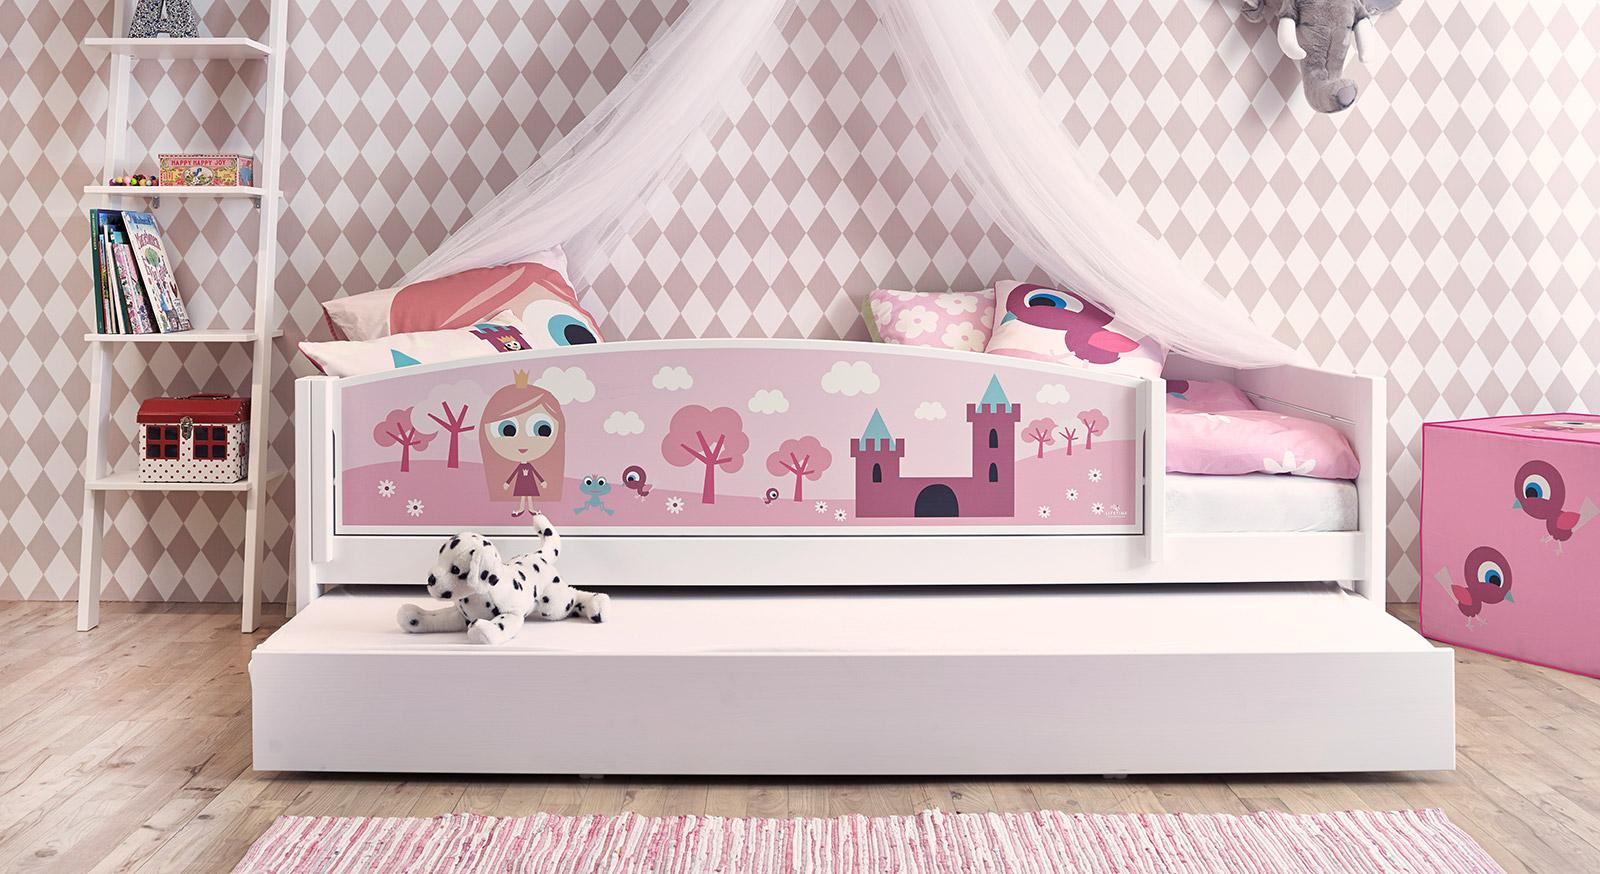 Was f r farben w hle ich im schlafzimmer - Letto baldacchino bambina ...